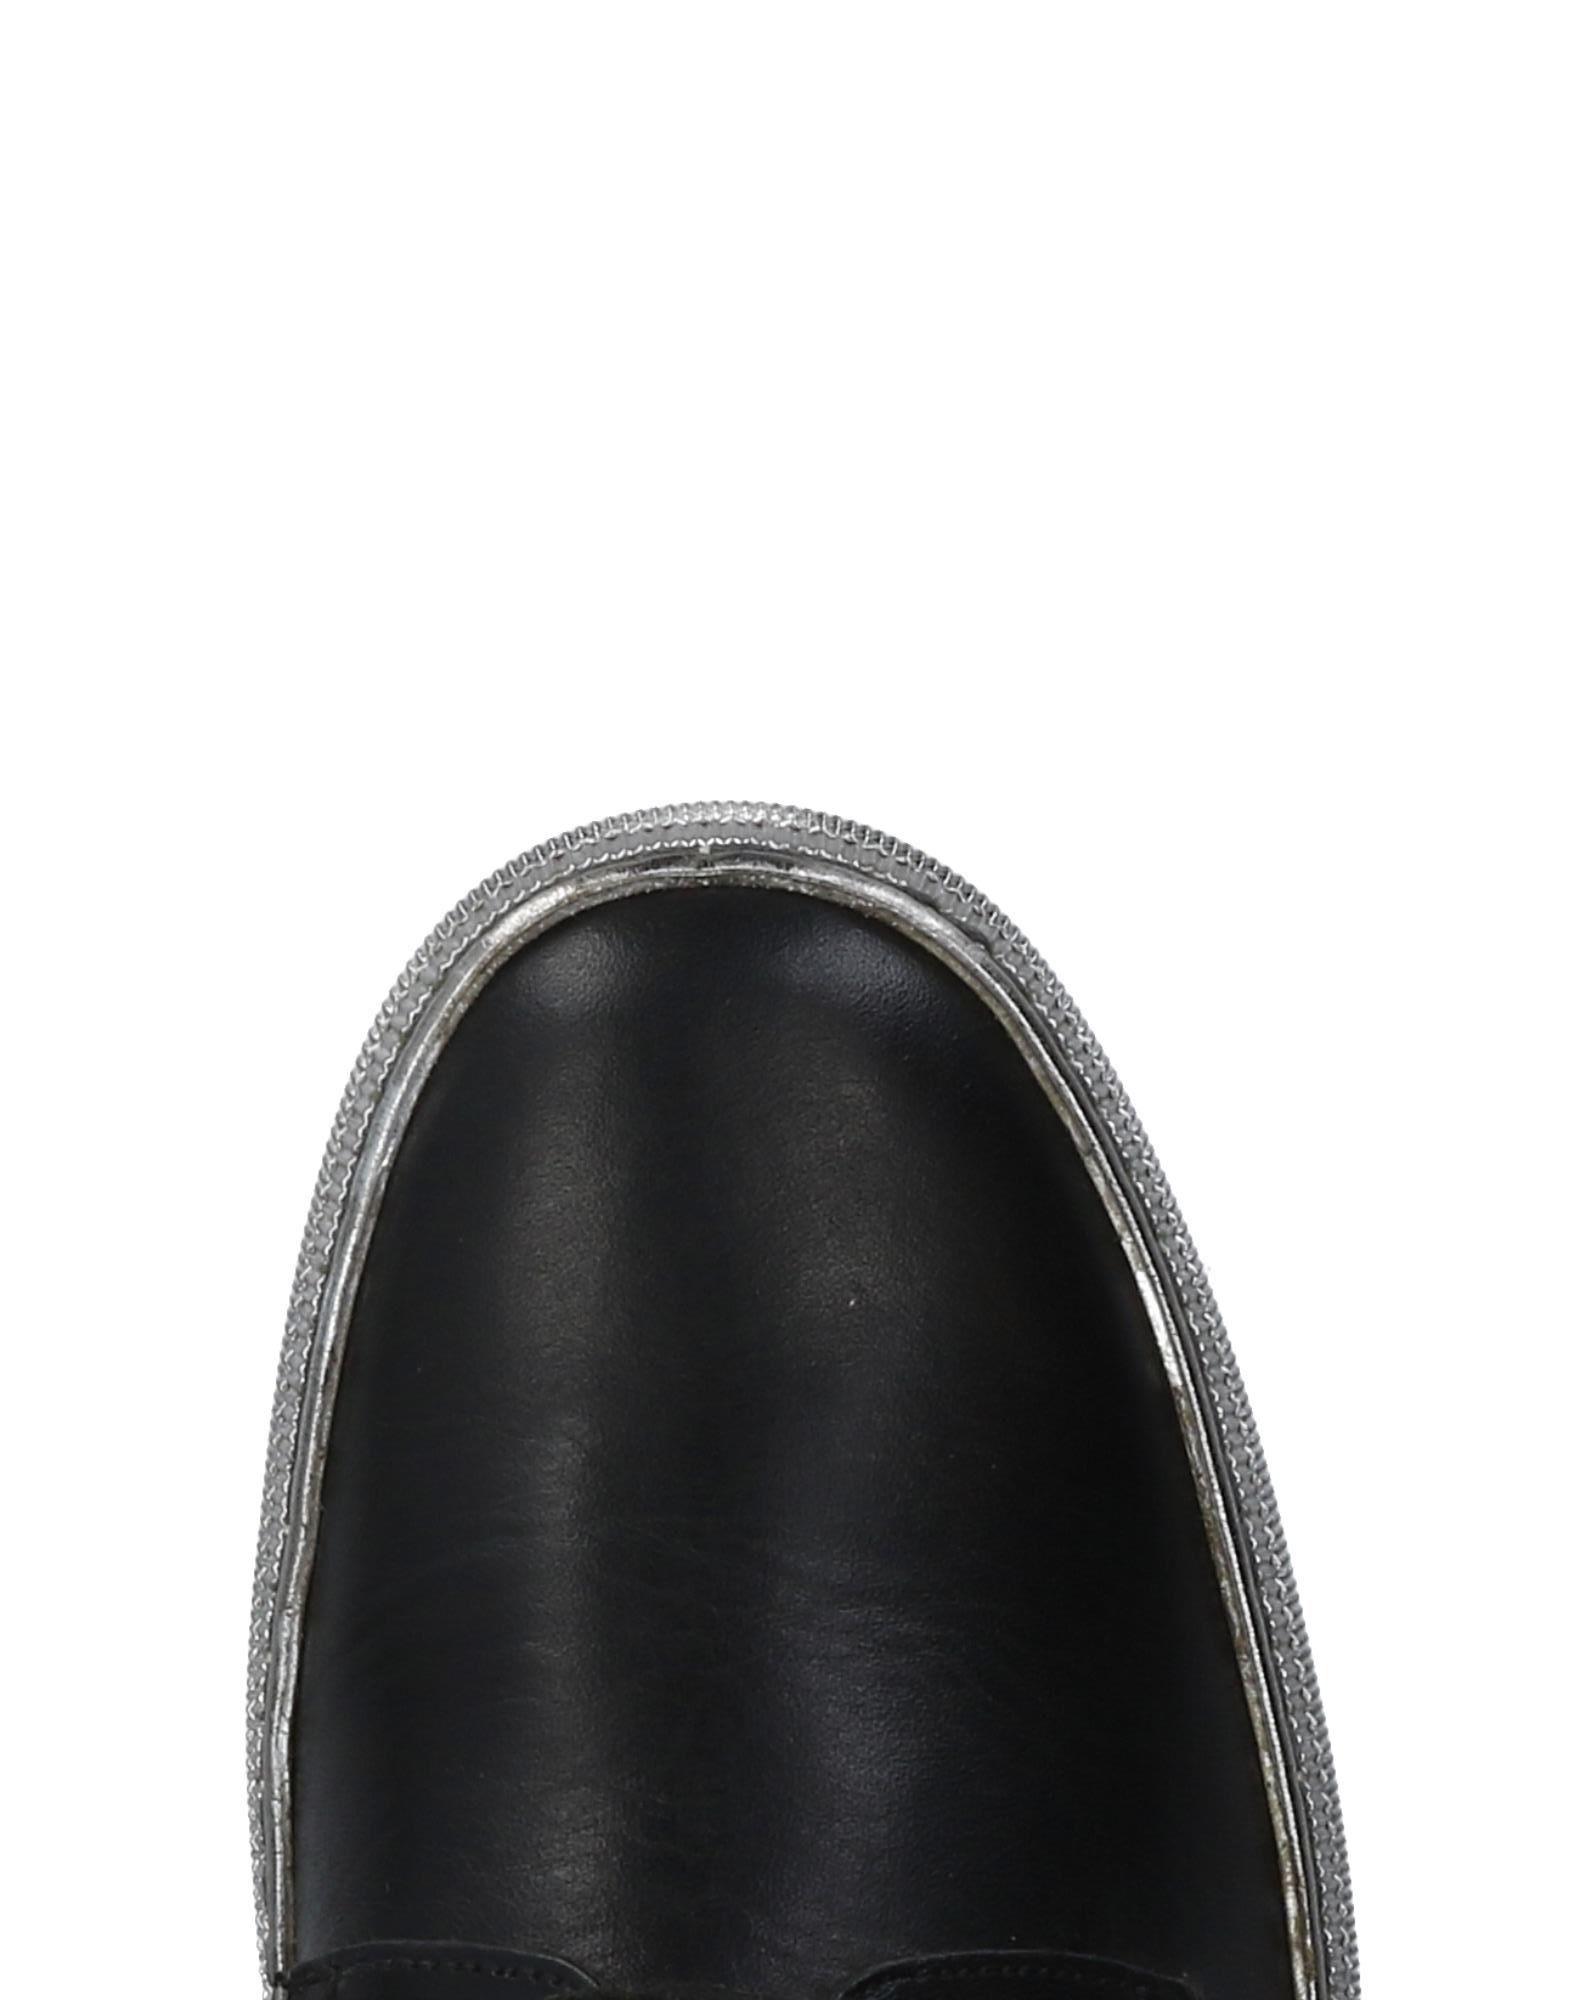 Rabatt Rabatt Rabatt echte Schuhe Barleycorn Sneakers Herren  11475167LE 1598b1